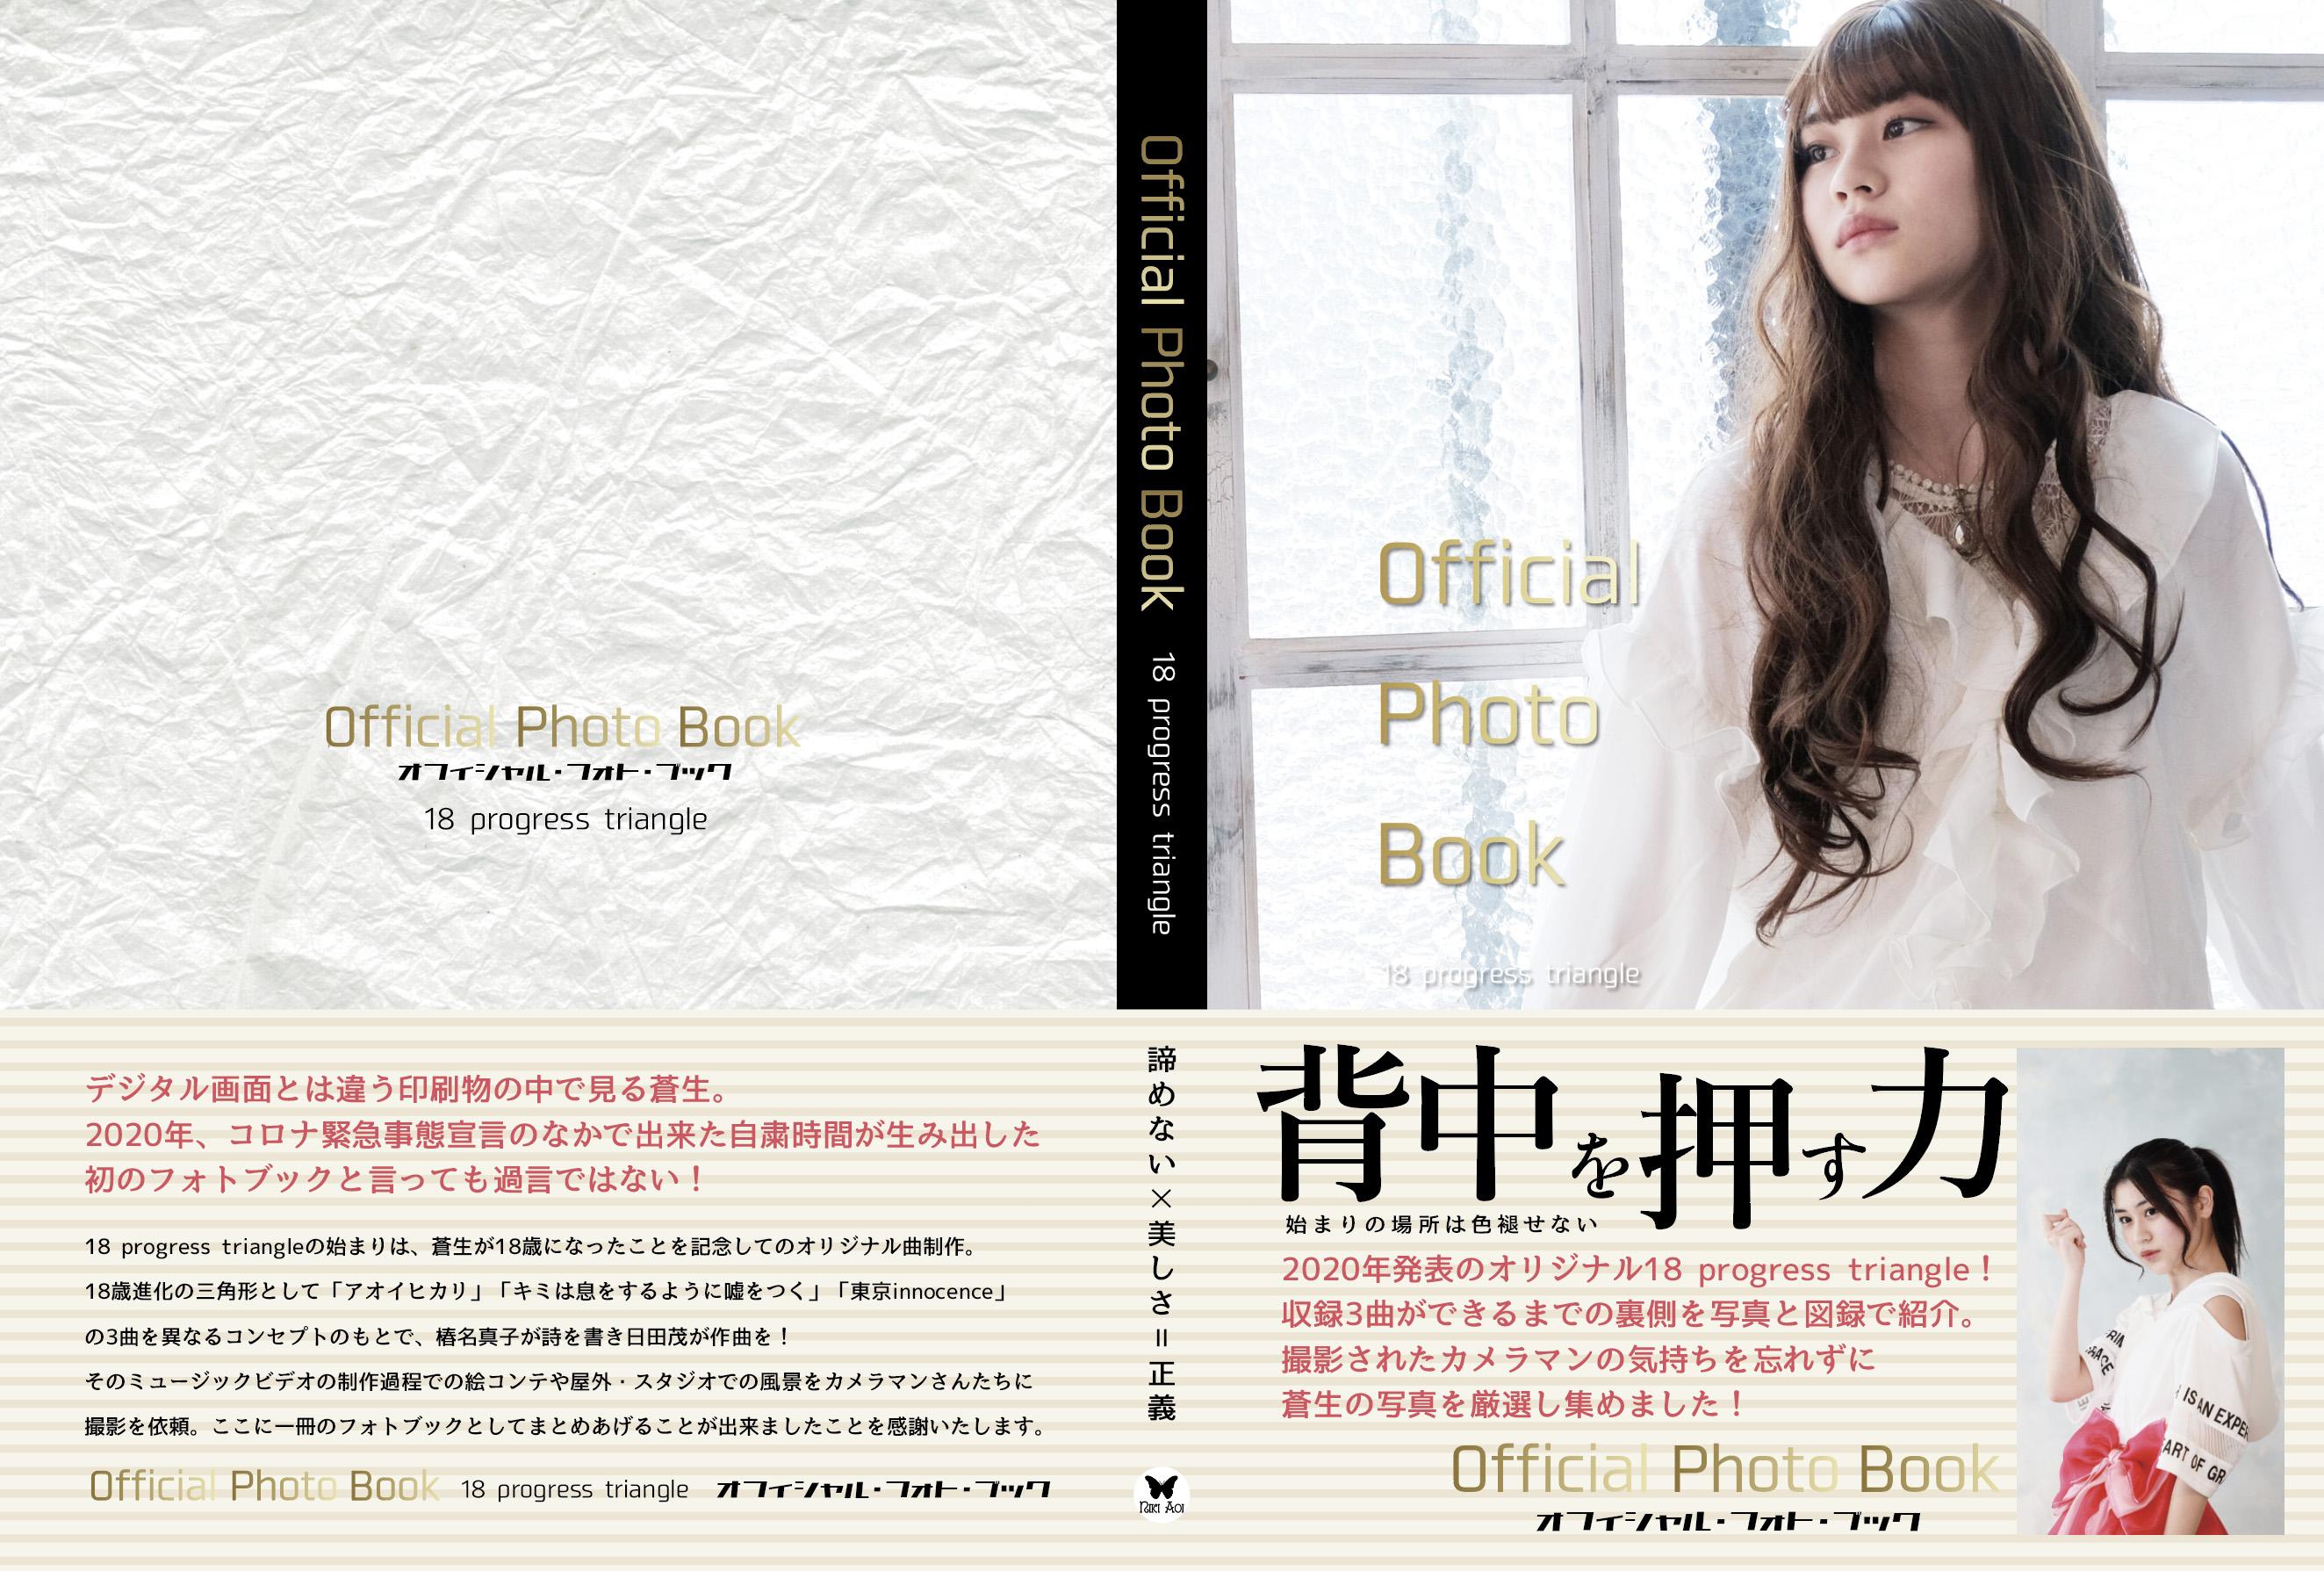 6/28(日)オフィシャル・フォトブック販売開始